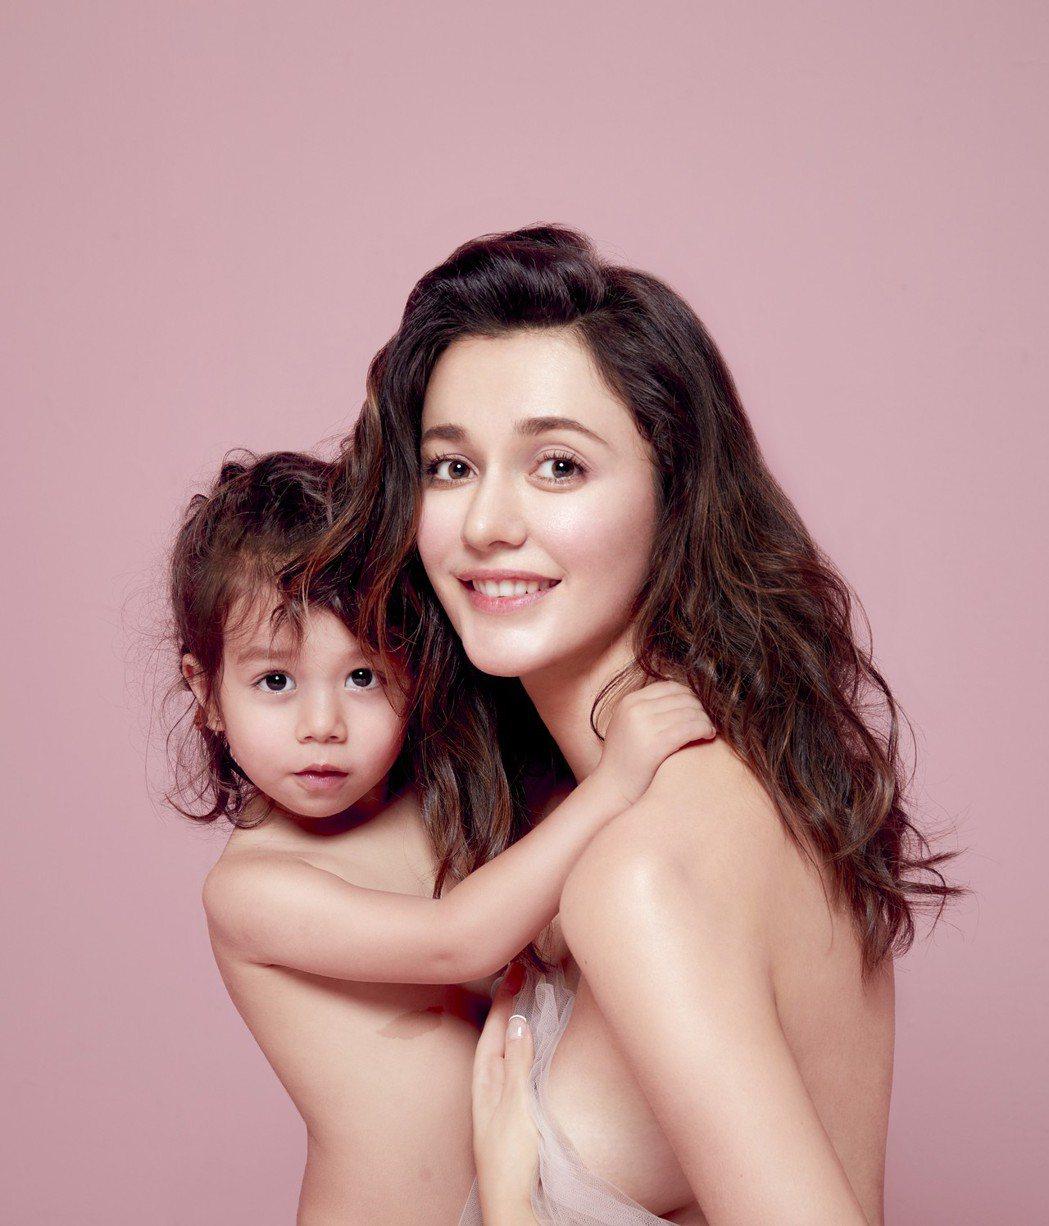 瑞莎母女裸身拍攝新書美照。圖/蓉億娛樂提供